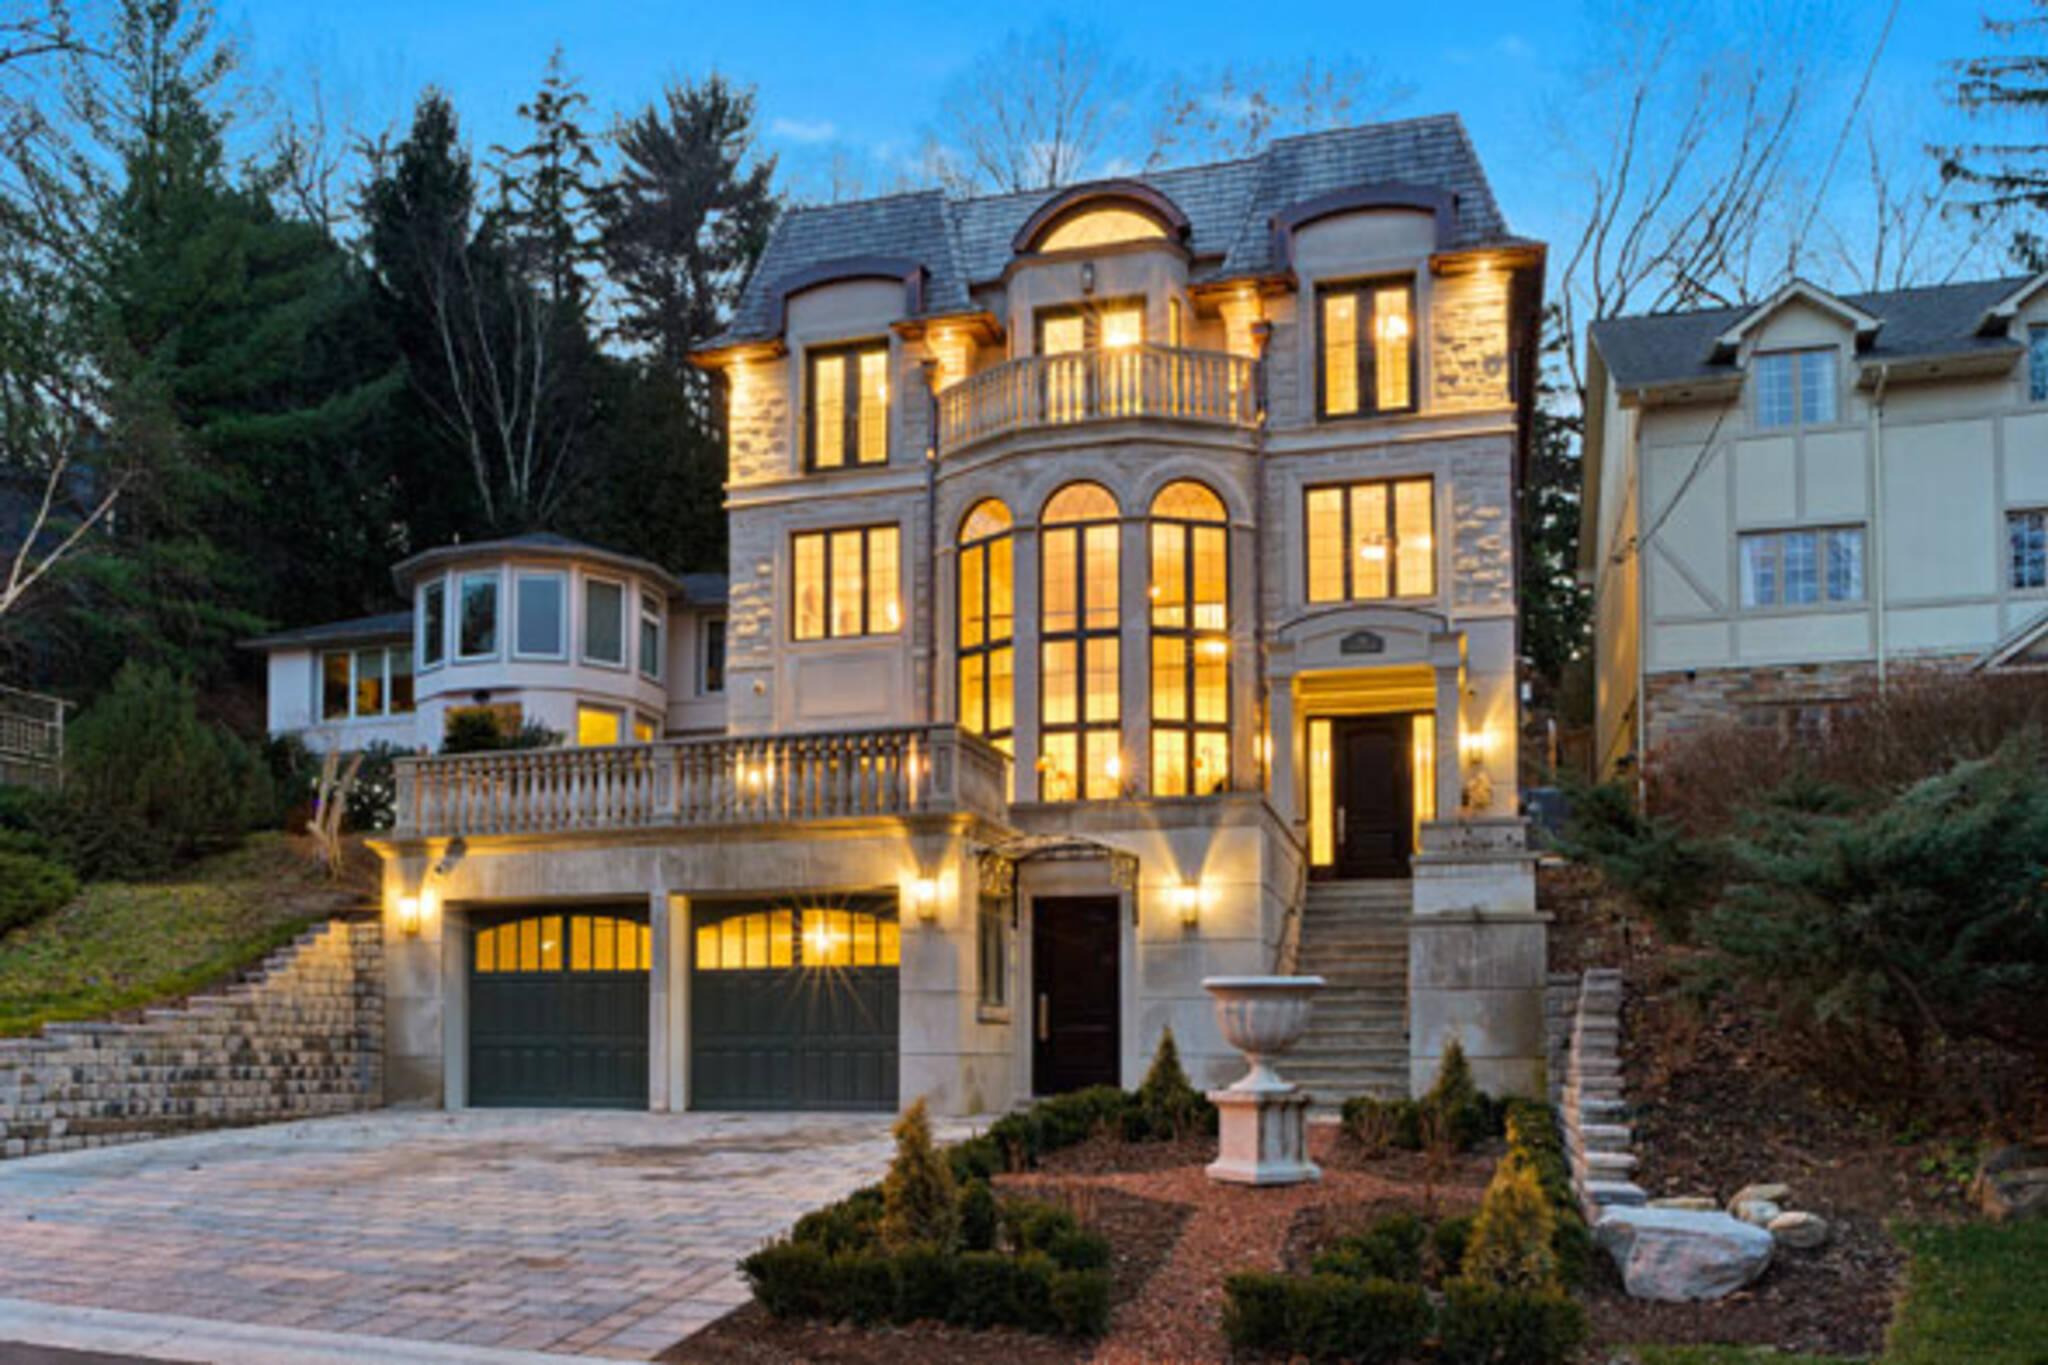 16 donino avenue house